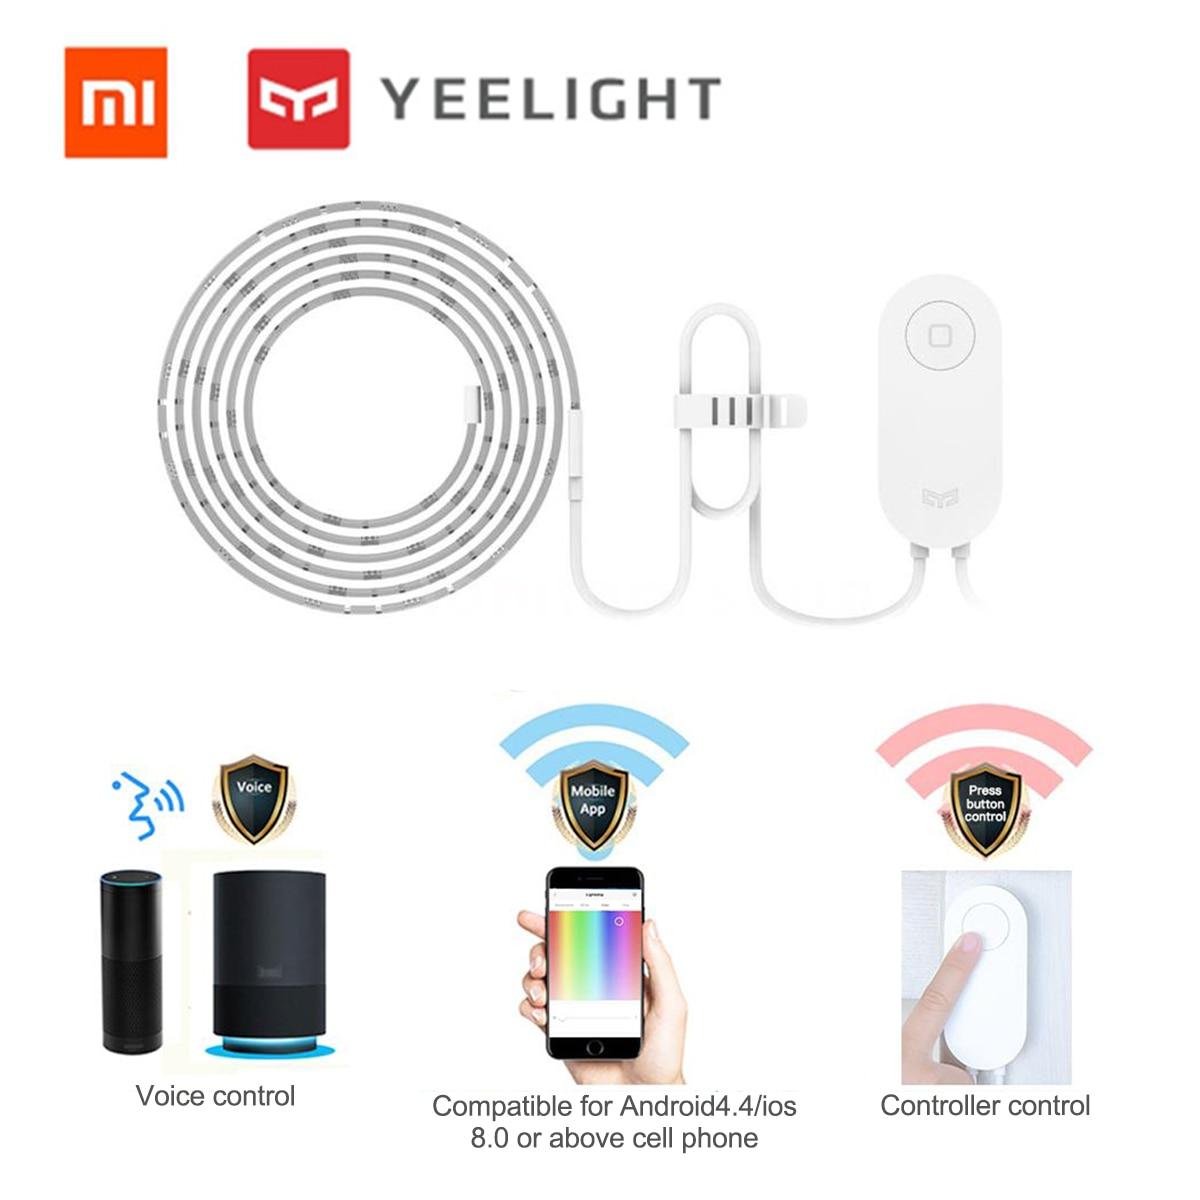 XIAOMI Yeelight RGB LED 2M bande de lumière intelligente intelligente pour Mi maison APP WiFi bande de lumière avec Assistant à la maison 16 millions coloré